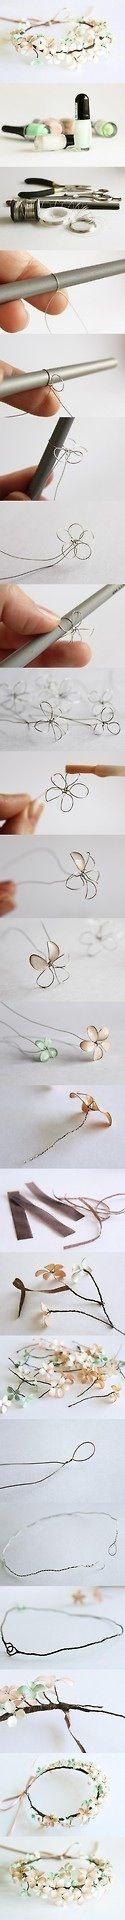 Wire Flower Crowns